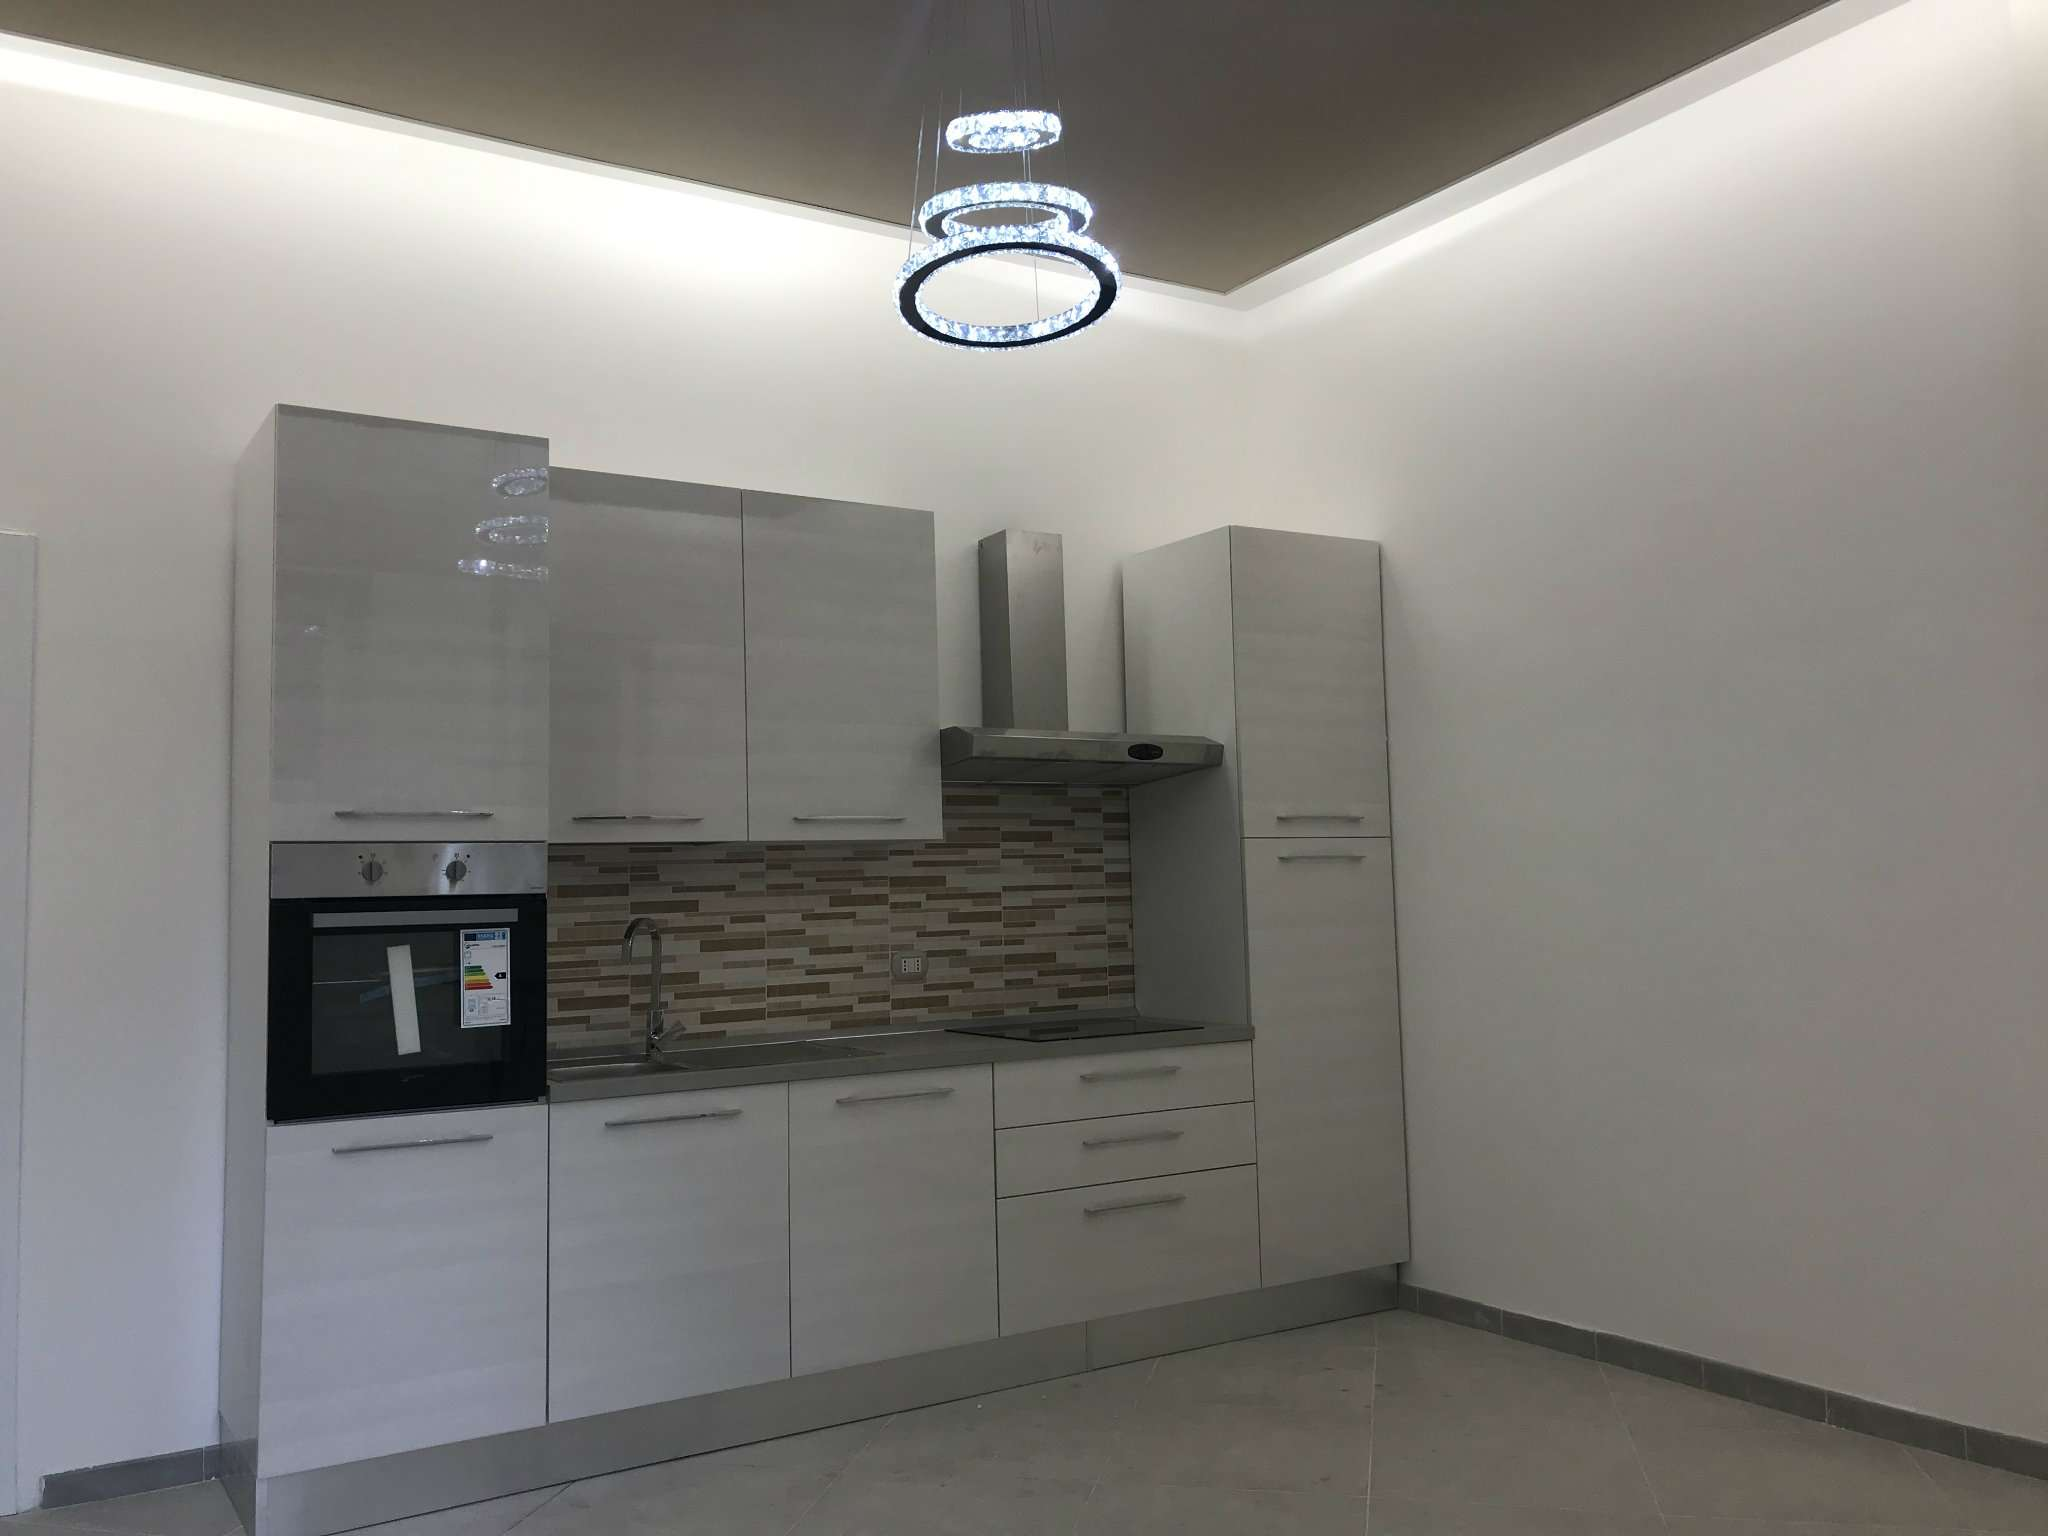 Appartamento in Vendita a Milano 06 Italia / Porta Romana / Bocconi / Lodi: 1 locali, 42 mq